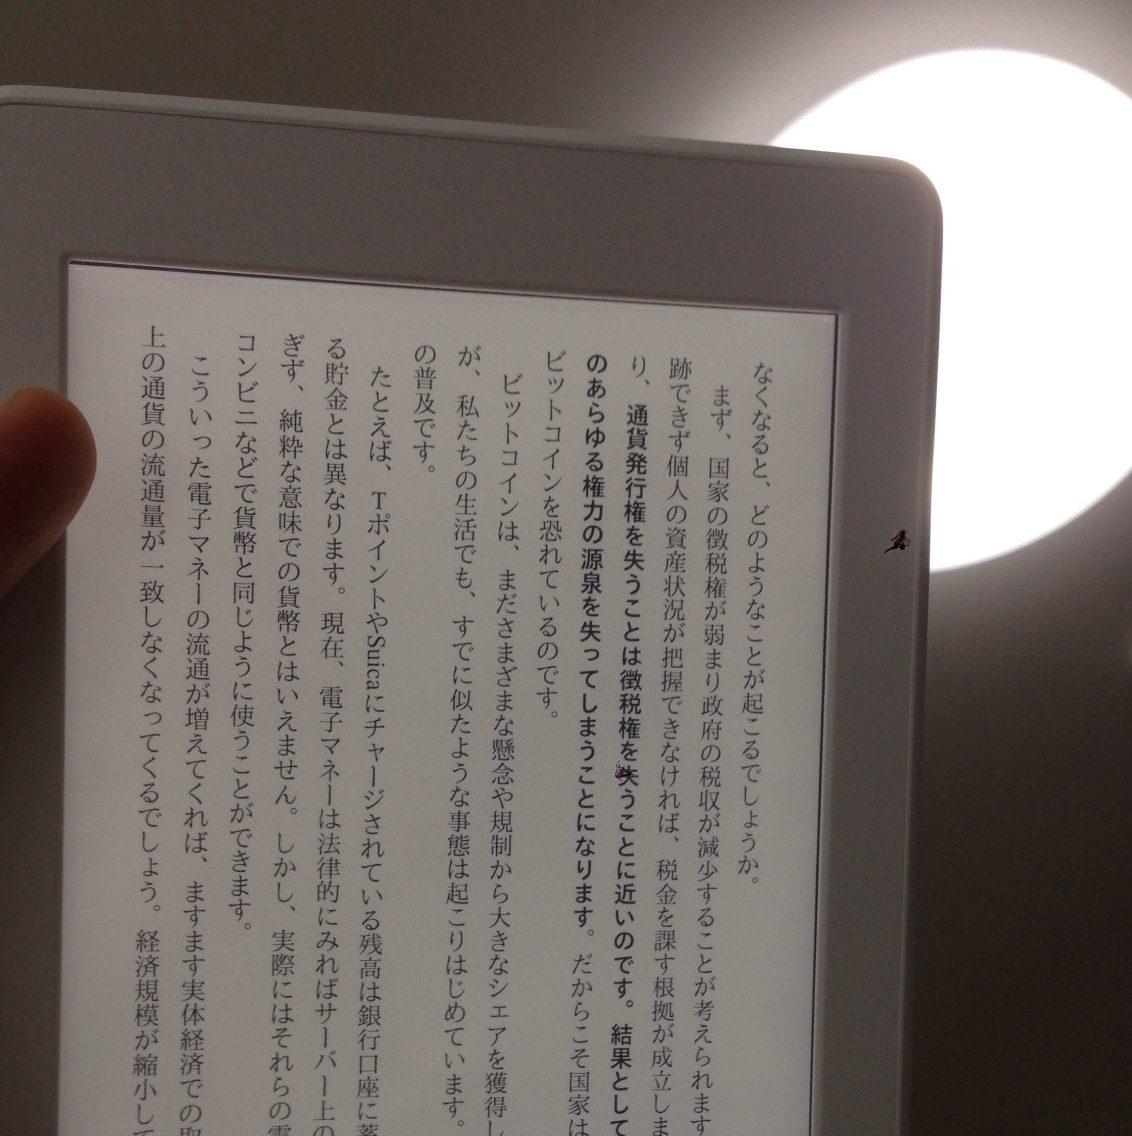 Kindleは本よりも読書に最適だったという事実。